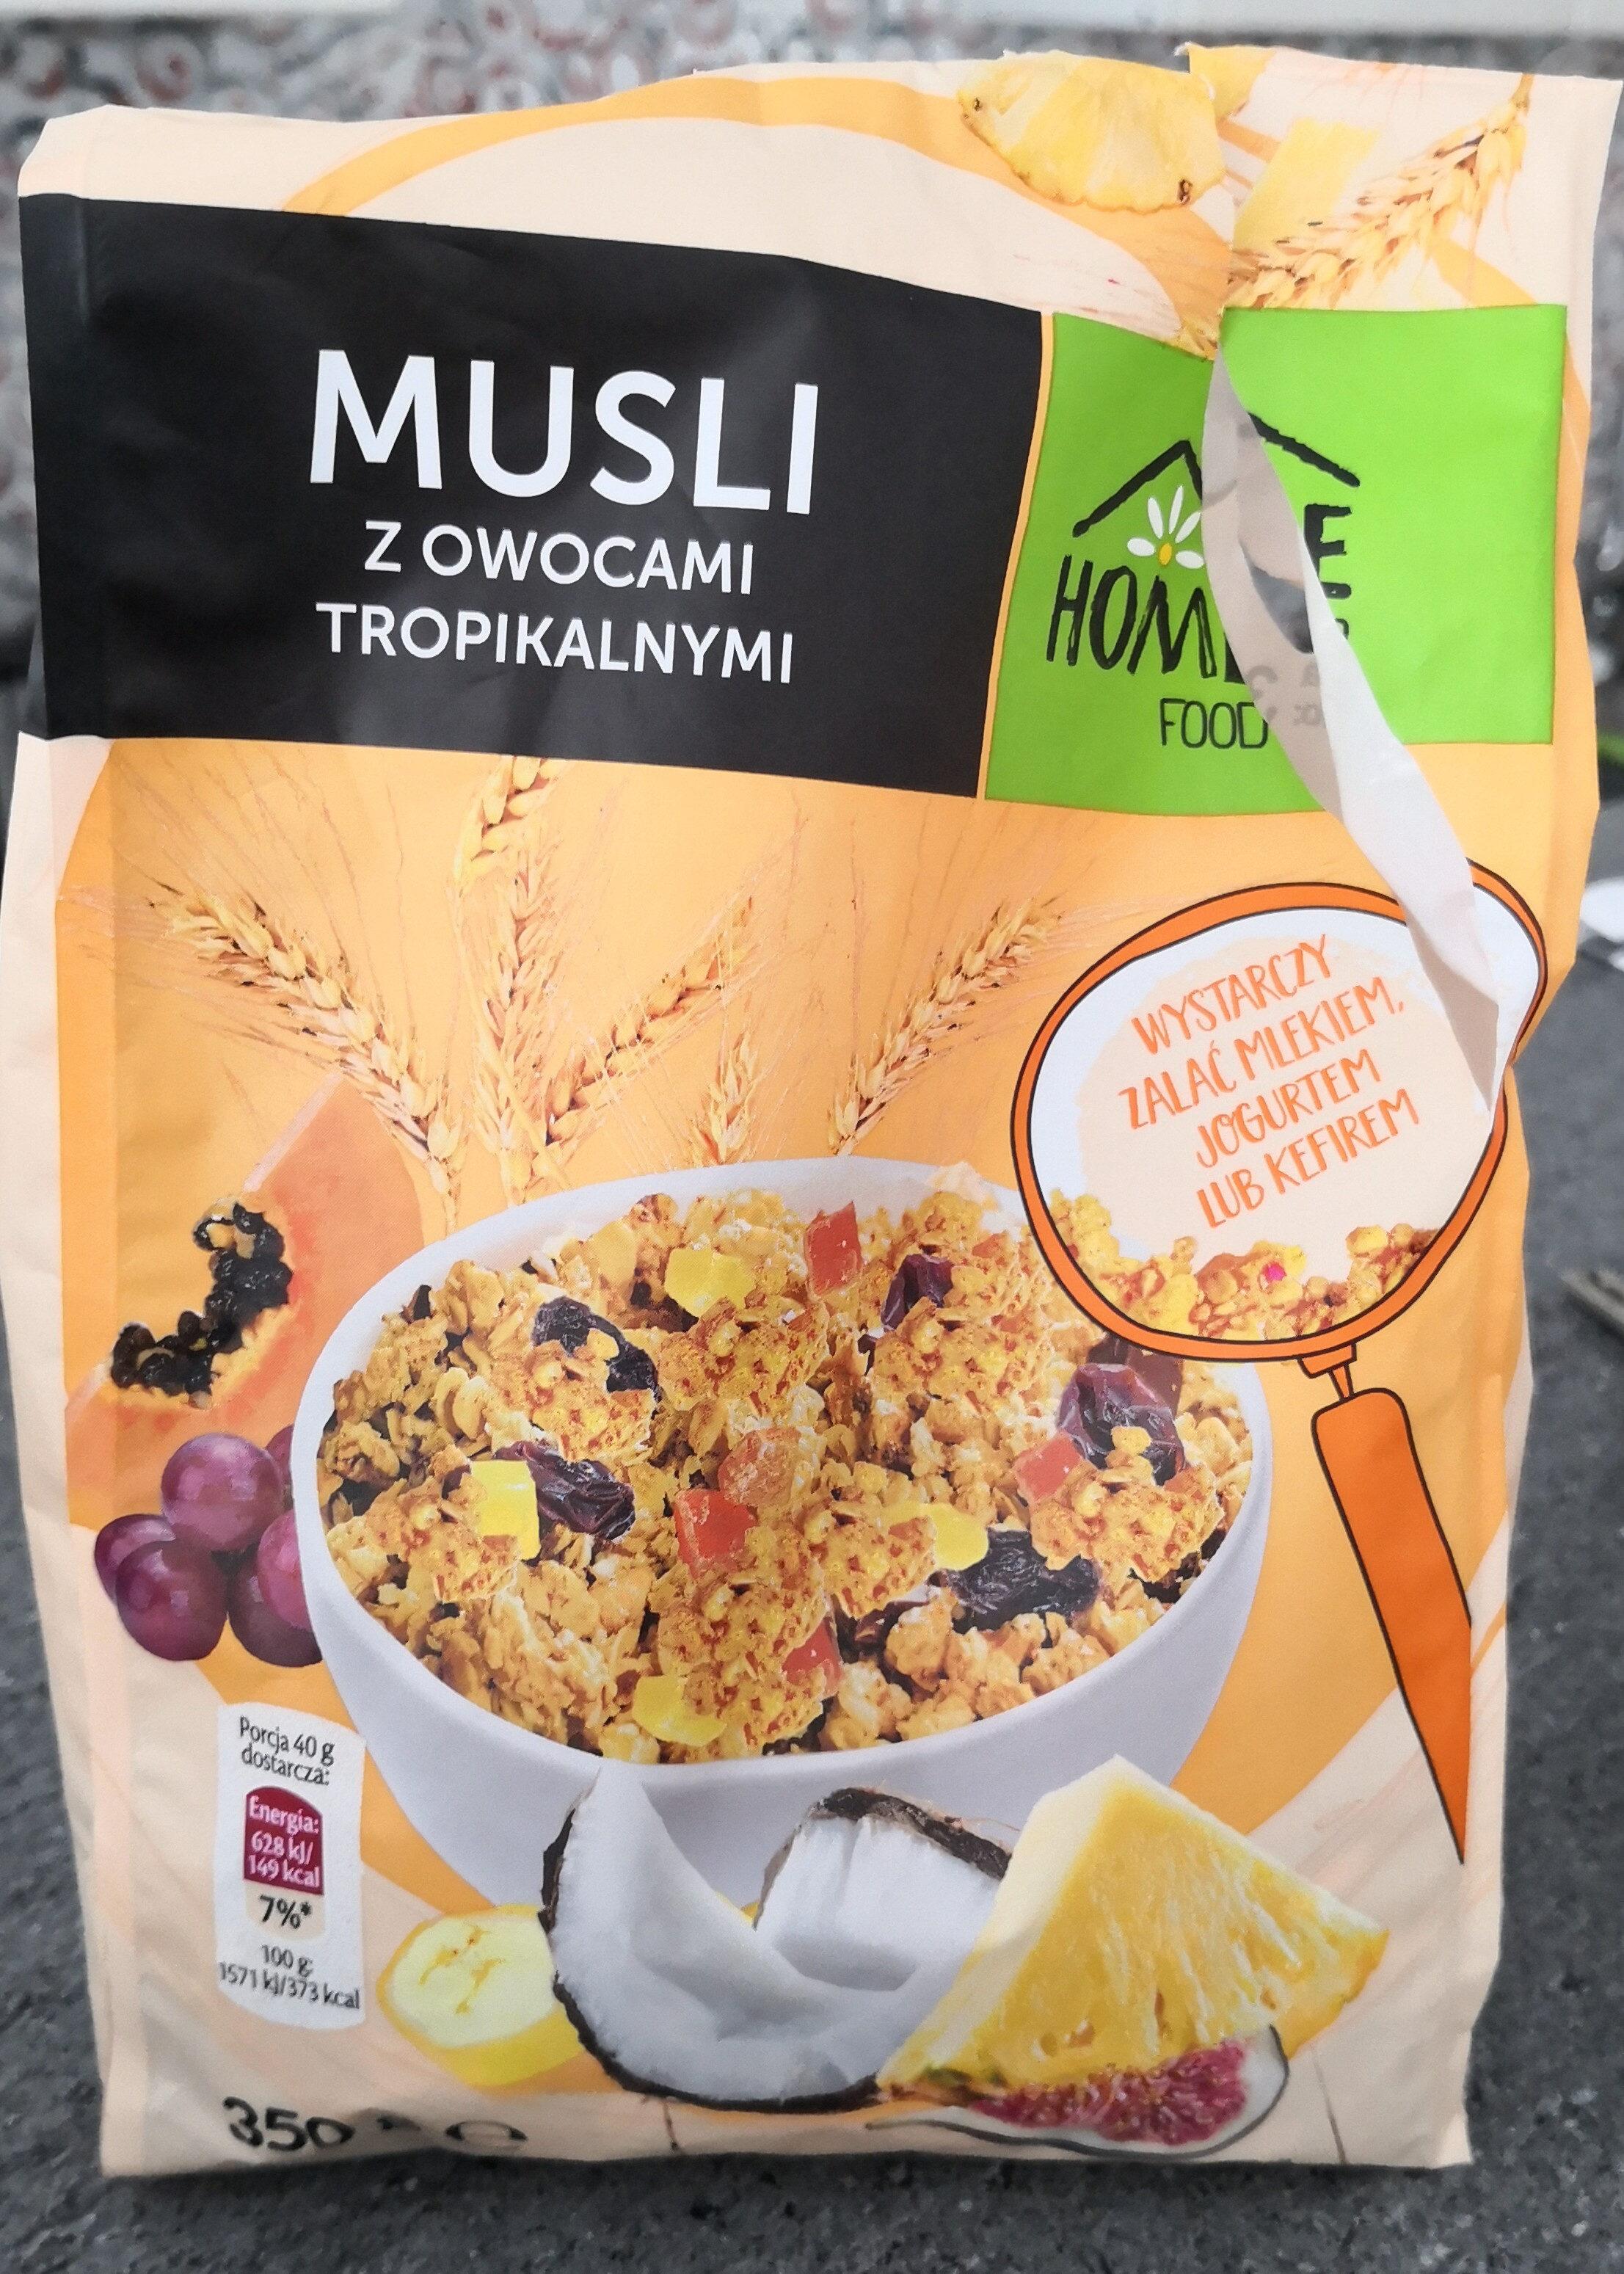 Muslim z owocami tropikalnymi - Produkt - pl